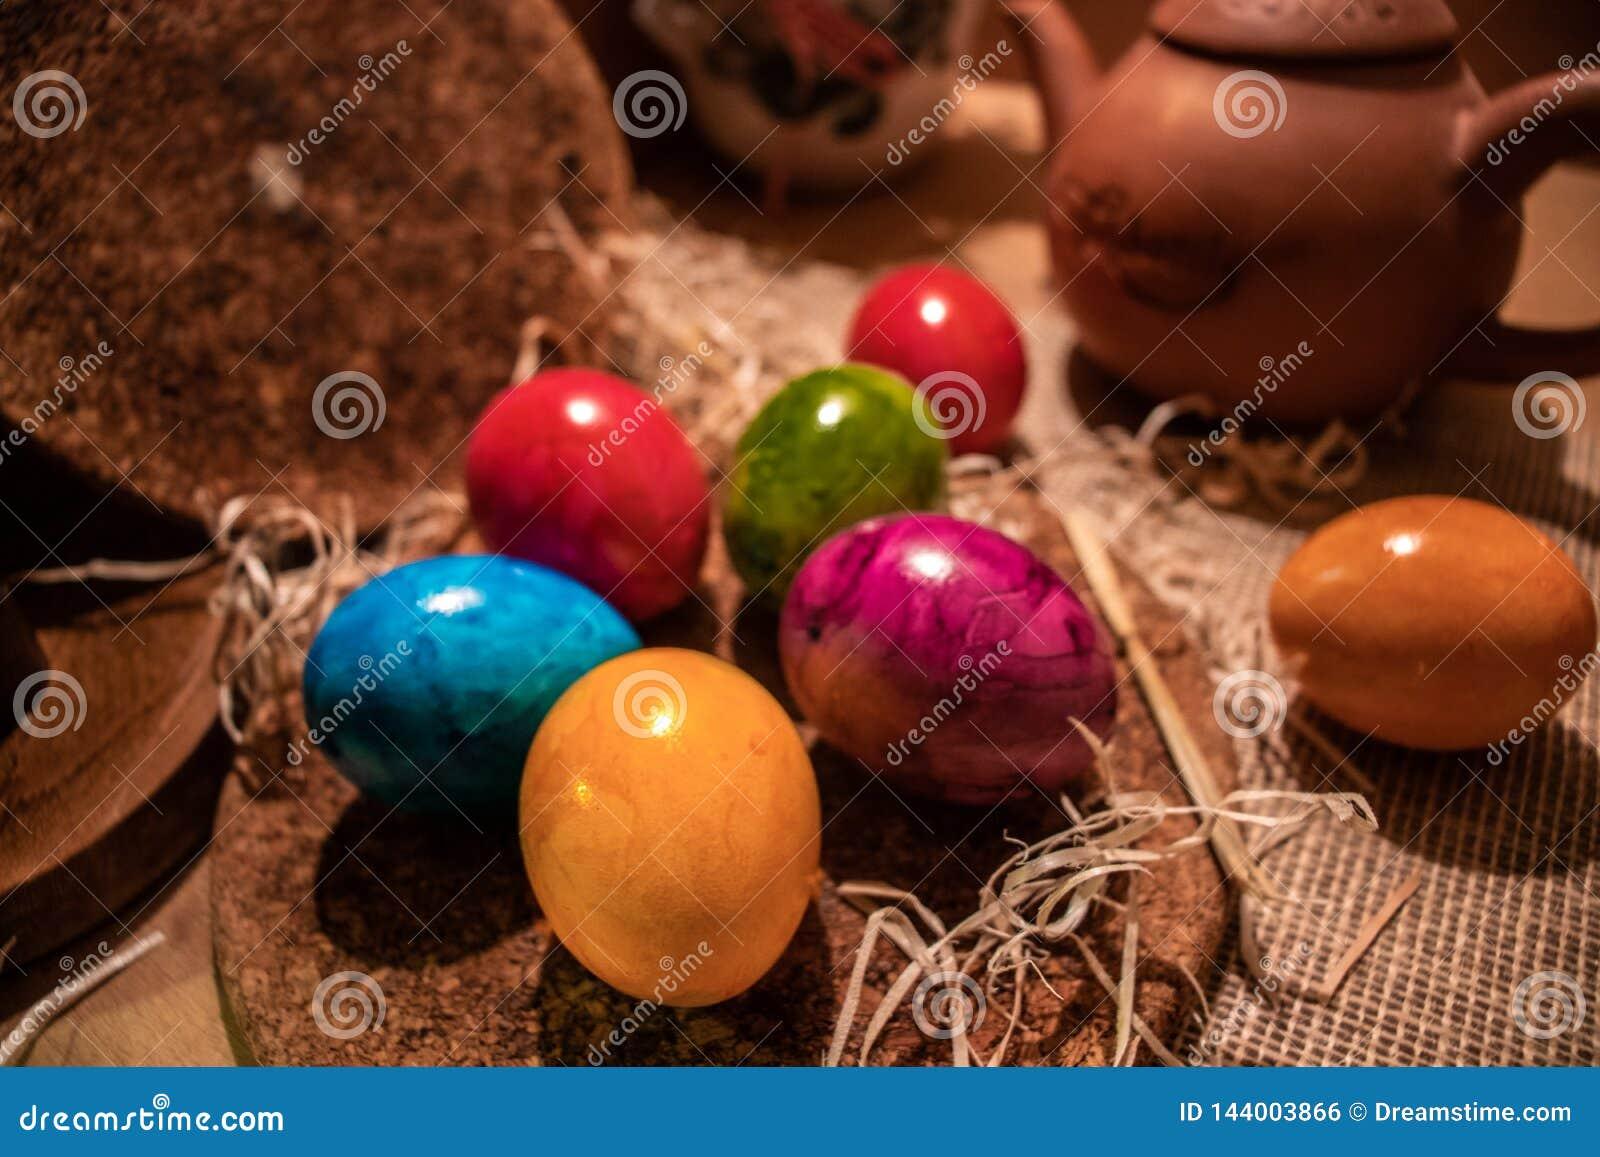 Uova di Pasqua variopinte con fondo di legno